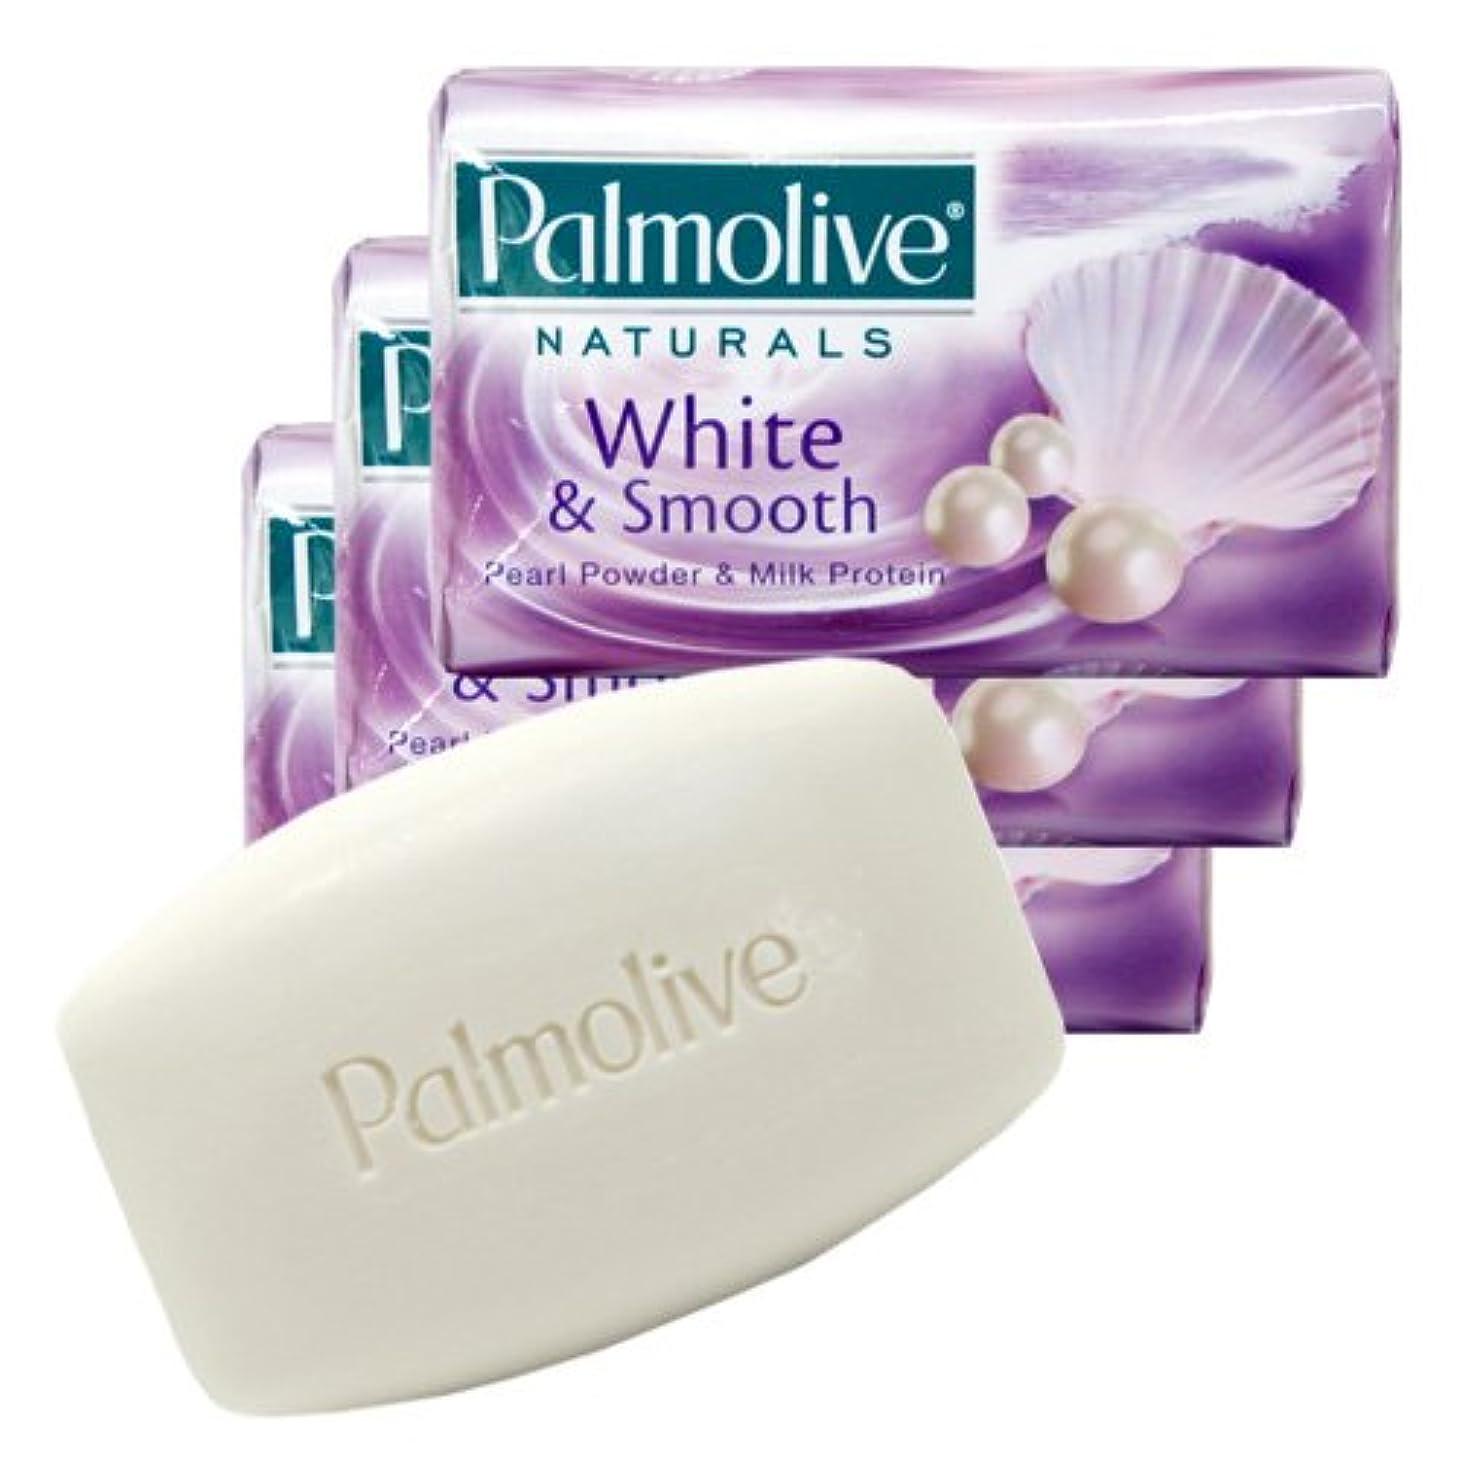 健康叫ぶ流暢【Palmolive】パルモリーブ ナチュラルズ石鹸3個パック ホワイト&スムース(パールパウダー&ミルクプロテイン)80g×3